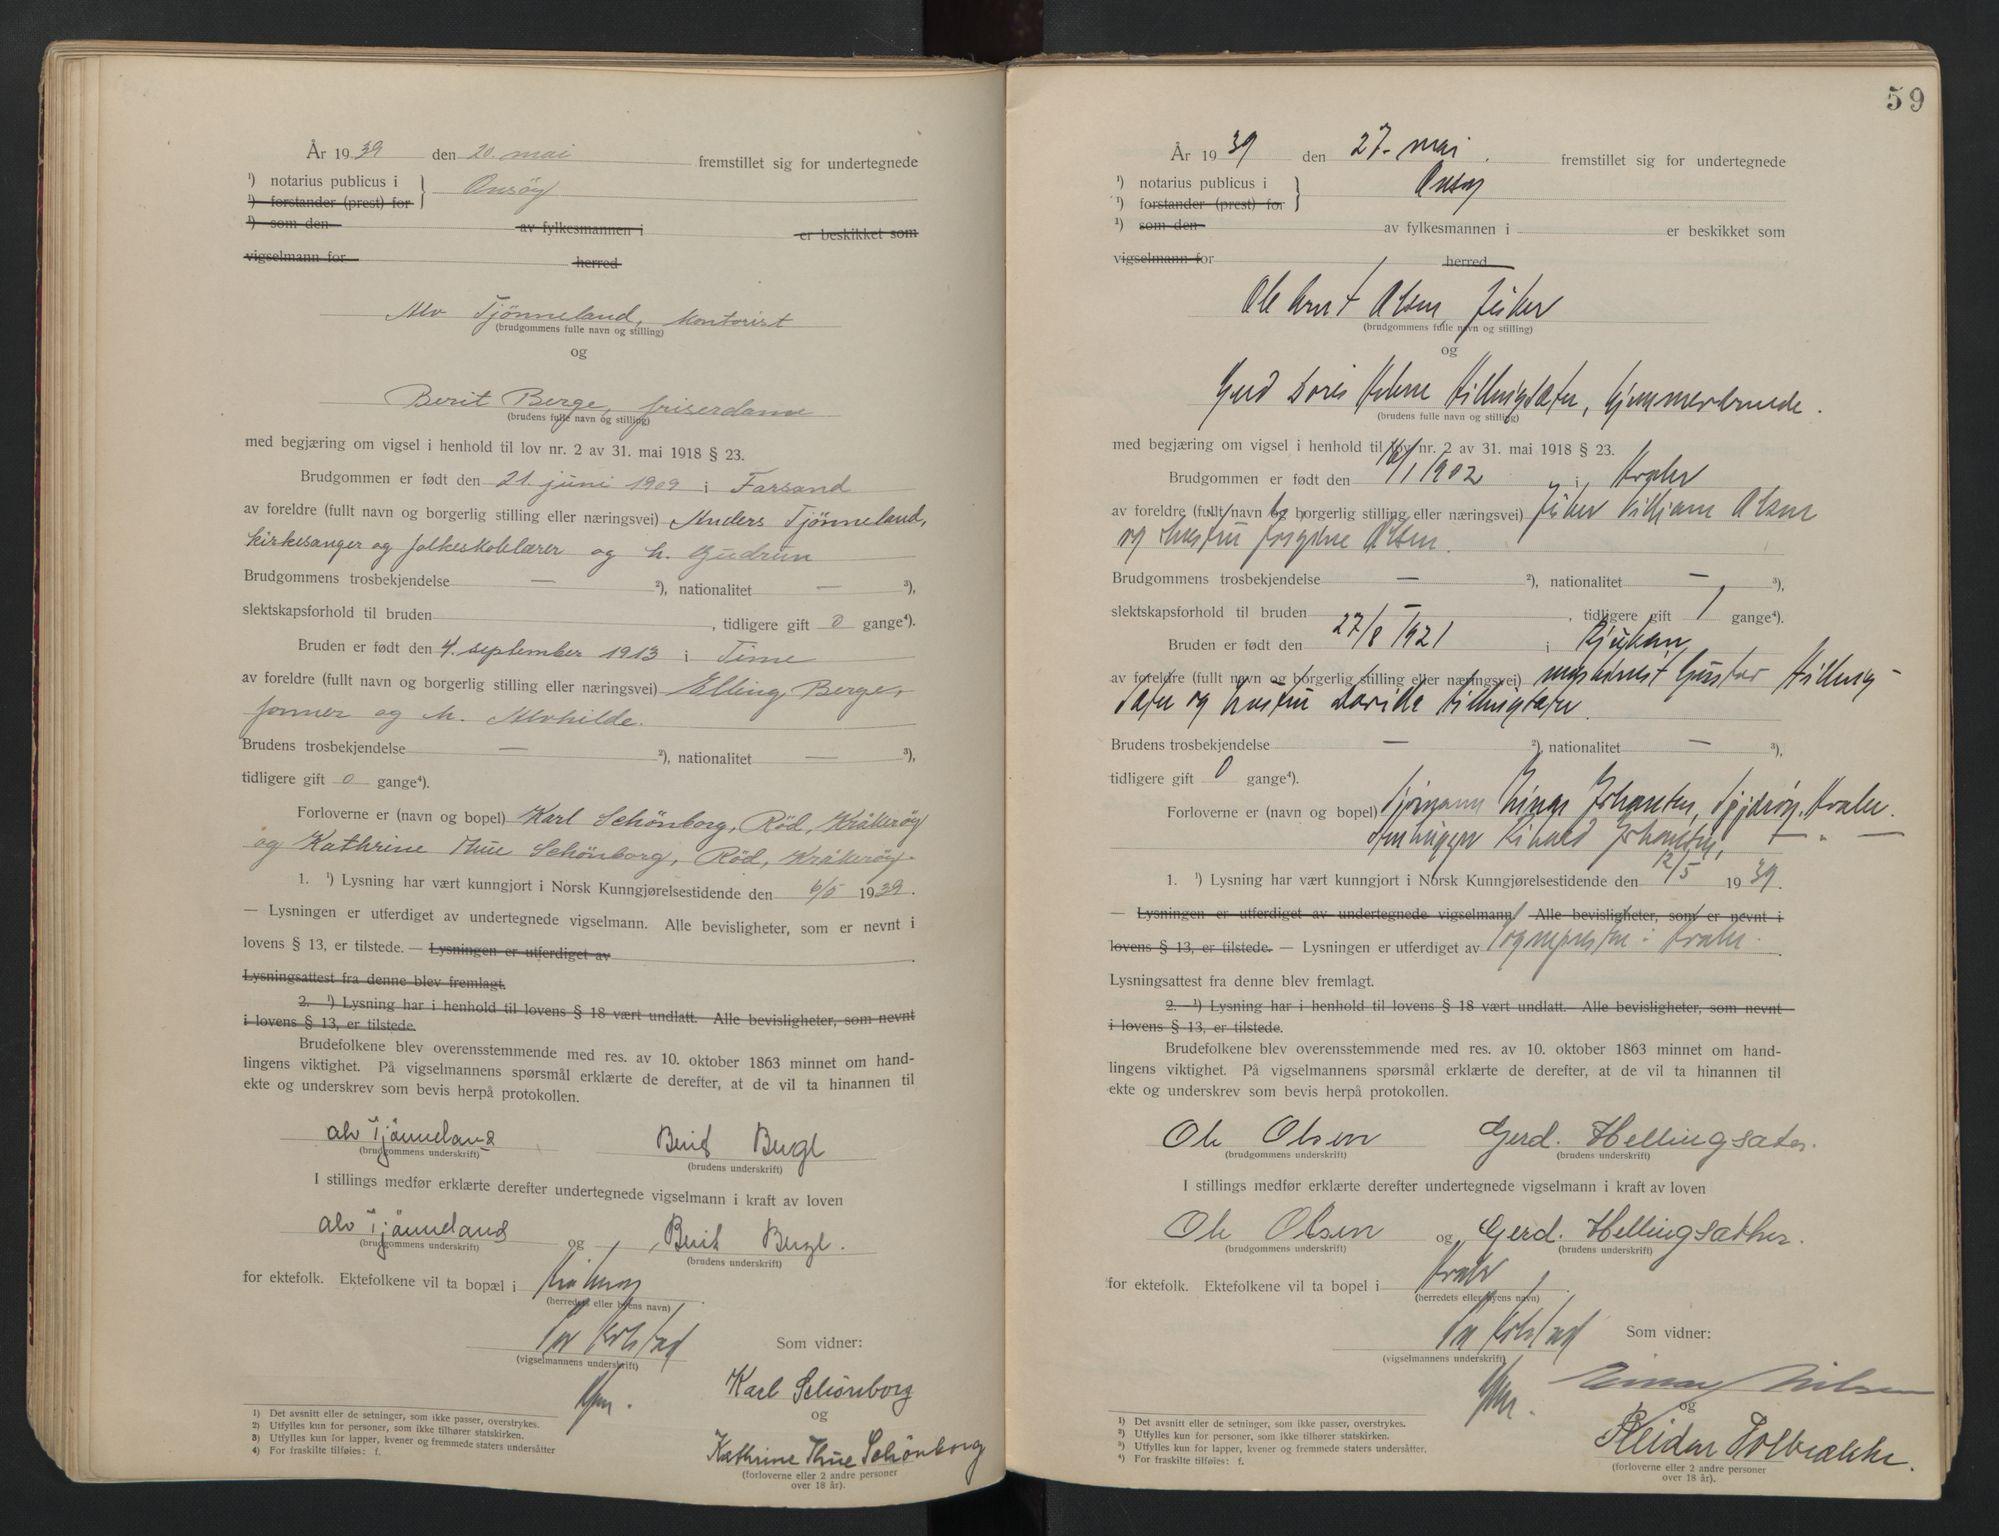 SAO, Onsøy sorenskriveri, L/La/L0001: Vigselsbok, 1920-1942, s. 59